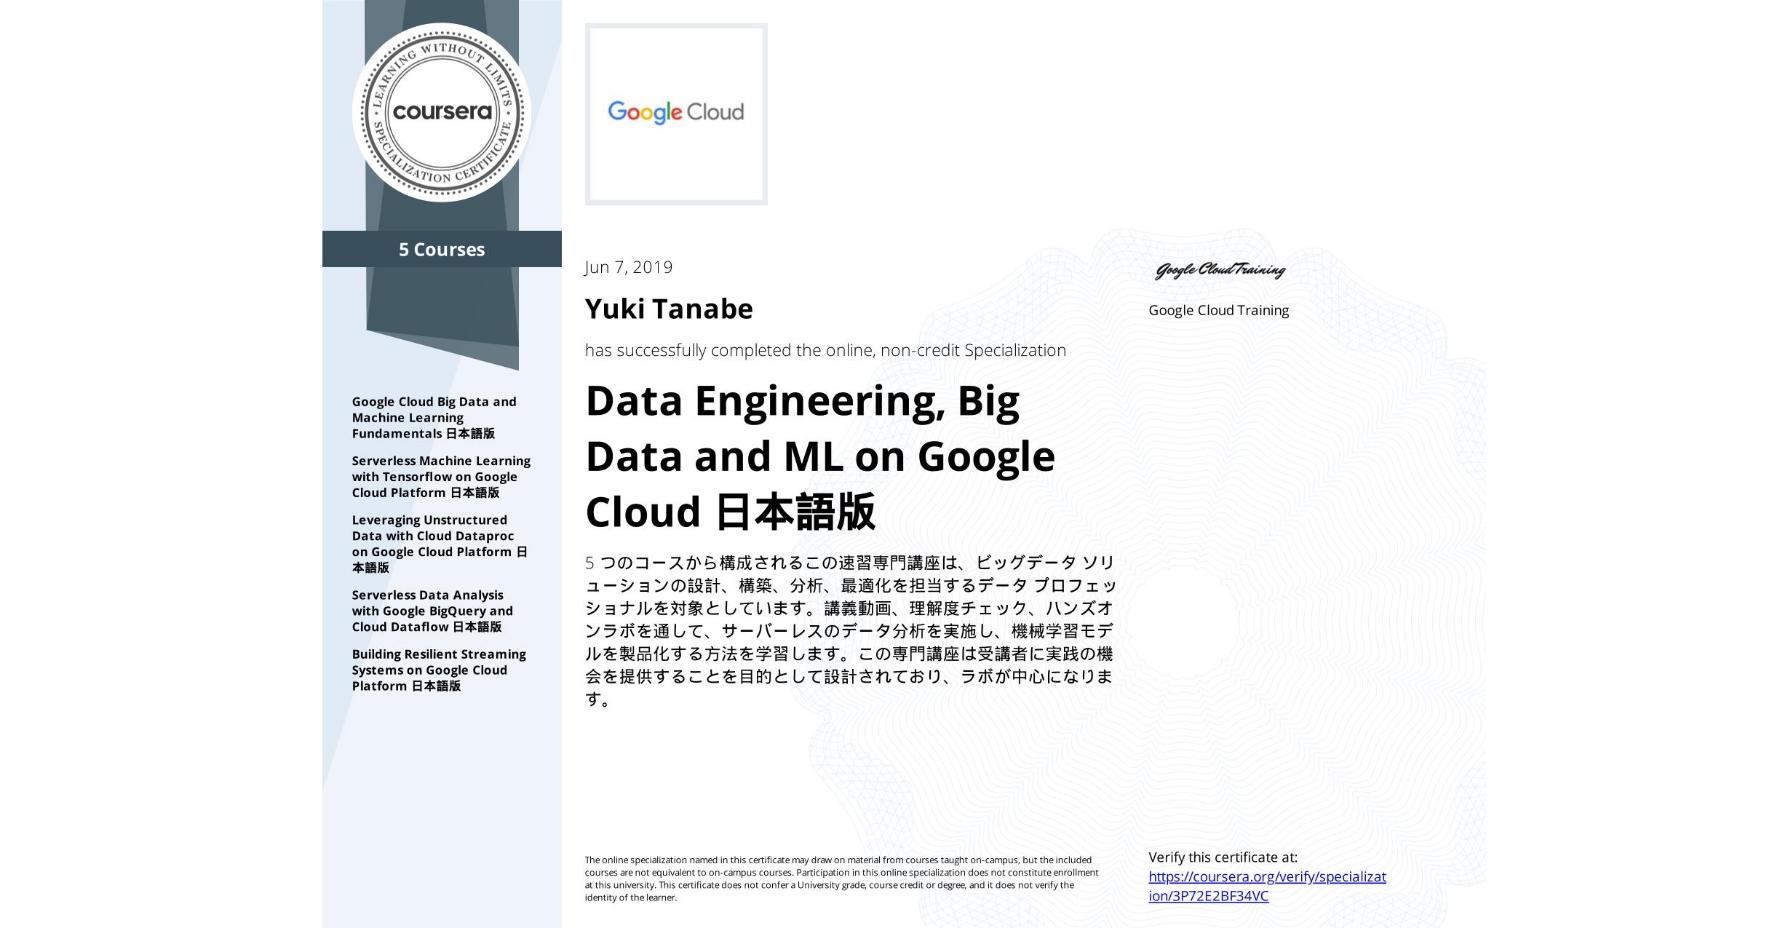 View certificate for Yuki Tanabe, Data Engineering, Big Data and ML on Google Cloud 日本語版, offered through Coursera. 5 つのコースから構成されるこの速習専門講座は、ビッグデータ ソリューションの設計、構築、分析、最適化を担当するデータ プロフェッショナルを対象としています。講義動画、理解度チェック、ハンズオンラボを通して、サーバーレスのデータ分析を実施し、機械学習モデルを製品化する方法を学習します。この専門講座は受講者に実践の機会を提供することを目的として設計されており、ラボが中心になります。